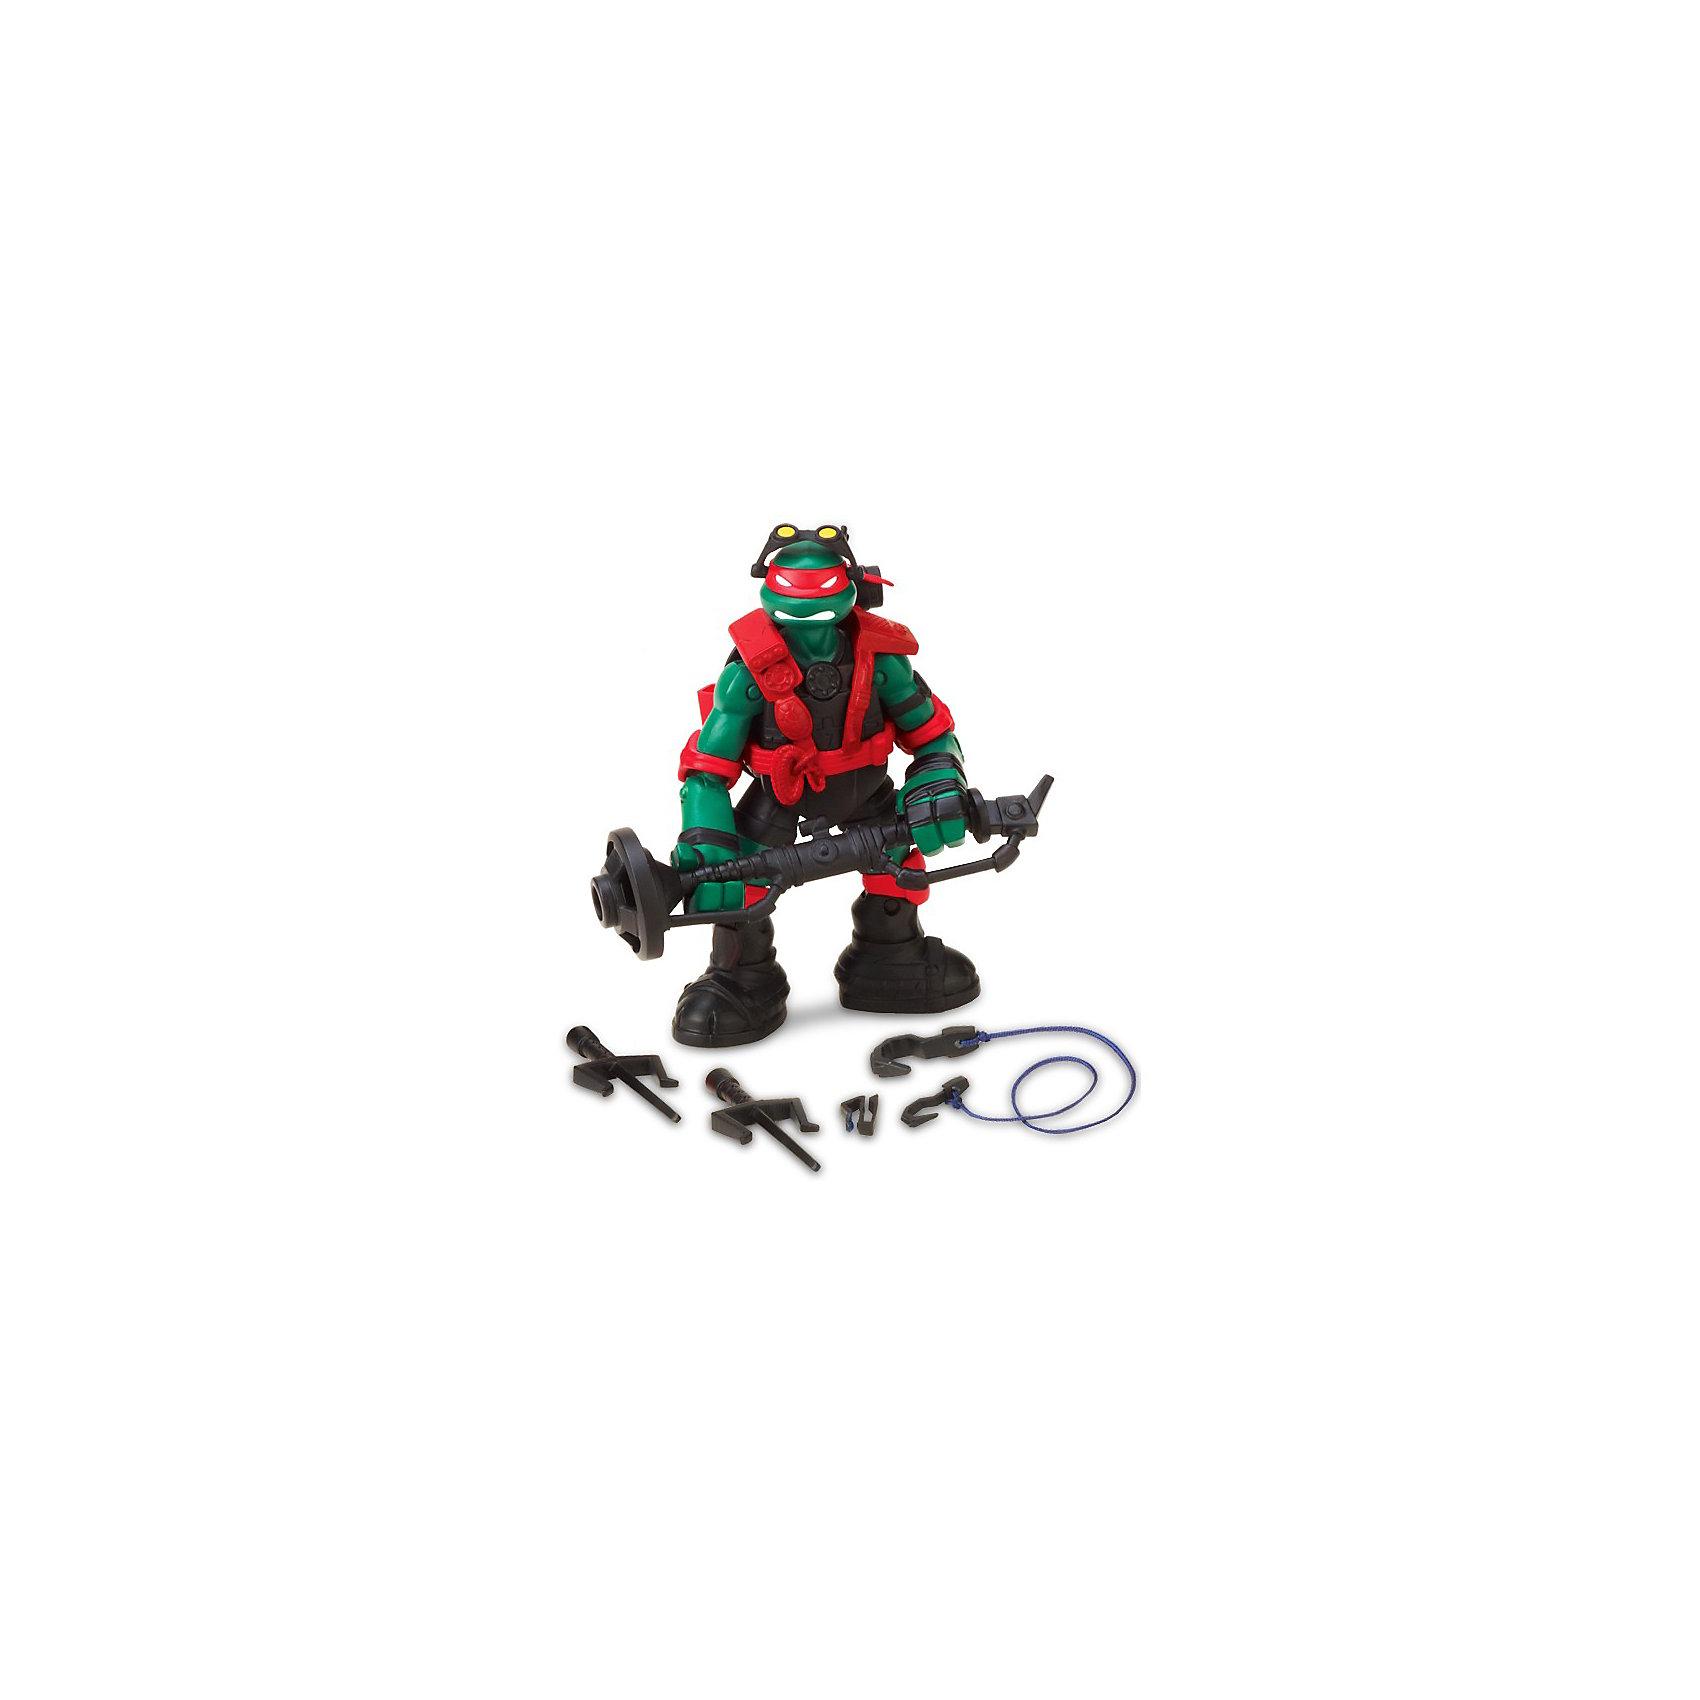 Фигурка Рафаэль, 12 см, Черепашки НиндзяКоллекционные и игровые фигурки<br>В сериале про Черепашек Ниндзя (Ninja Turtles)  Раф - такой же жестокий и быстрый, как и раньше, но теперь у него новый арсенал: технологичные кинжалы Сай, таран, тепловизор и специальный крюк для тарзанки. Новое оружие позволит великому мастеру кинжалов-сай победить любого Крэнга.<br>Фигурка Рафаэля имеет подвижные голову, руки и ноги (на шарнирах), в том числе в локтях и коленях. Сзади на панцире имеются крепежи для кинжалов. На голове Рафа опускающиеся очки с тепловизором. Оружие: технологичные кинжалы-сай, таран.<br><br>Дополнительная информация:<br><br>Комплектация:<br>-фигурка Рафаэля<br>-2 кинжала-сай<br>-веревка и крюк для тарзанки<br>-таран<br>-инструкция на русском языке<br>-Материал: пластмасса<br>-Высота: около 12 см<br><br>Сделанные по макетам  мультсериала фигурка не оставит равнодушными маленьких любителей зеленых мутантов.<br><br>Фигурку Раф STEALTH TECH, 12 см, Черепашки Ниндзя (Ninja Turtles) можно купить в нашем магазине.<br><br>Ширина мм: 125<br>Глубина мм: 85<br>Высота мм: 220<br>Вес г: 200<br>Возраст от месяцев: 48<br>Возраст до месяцев: 132<br>Пол: Мужской<br>Возраст: Детский<br>SKU: 3529130